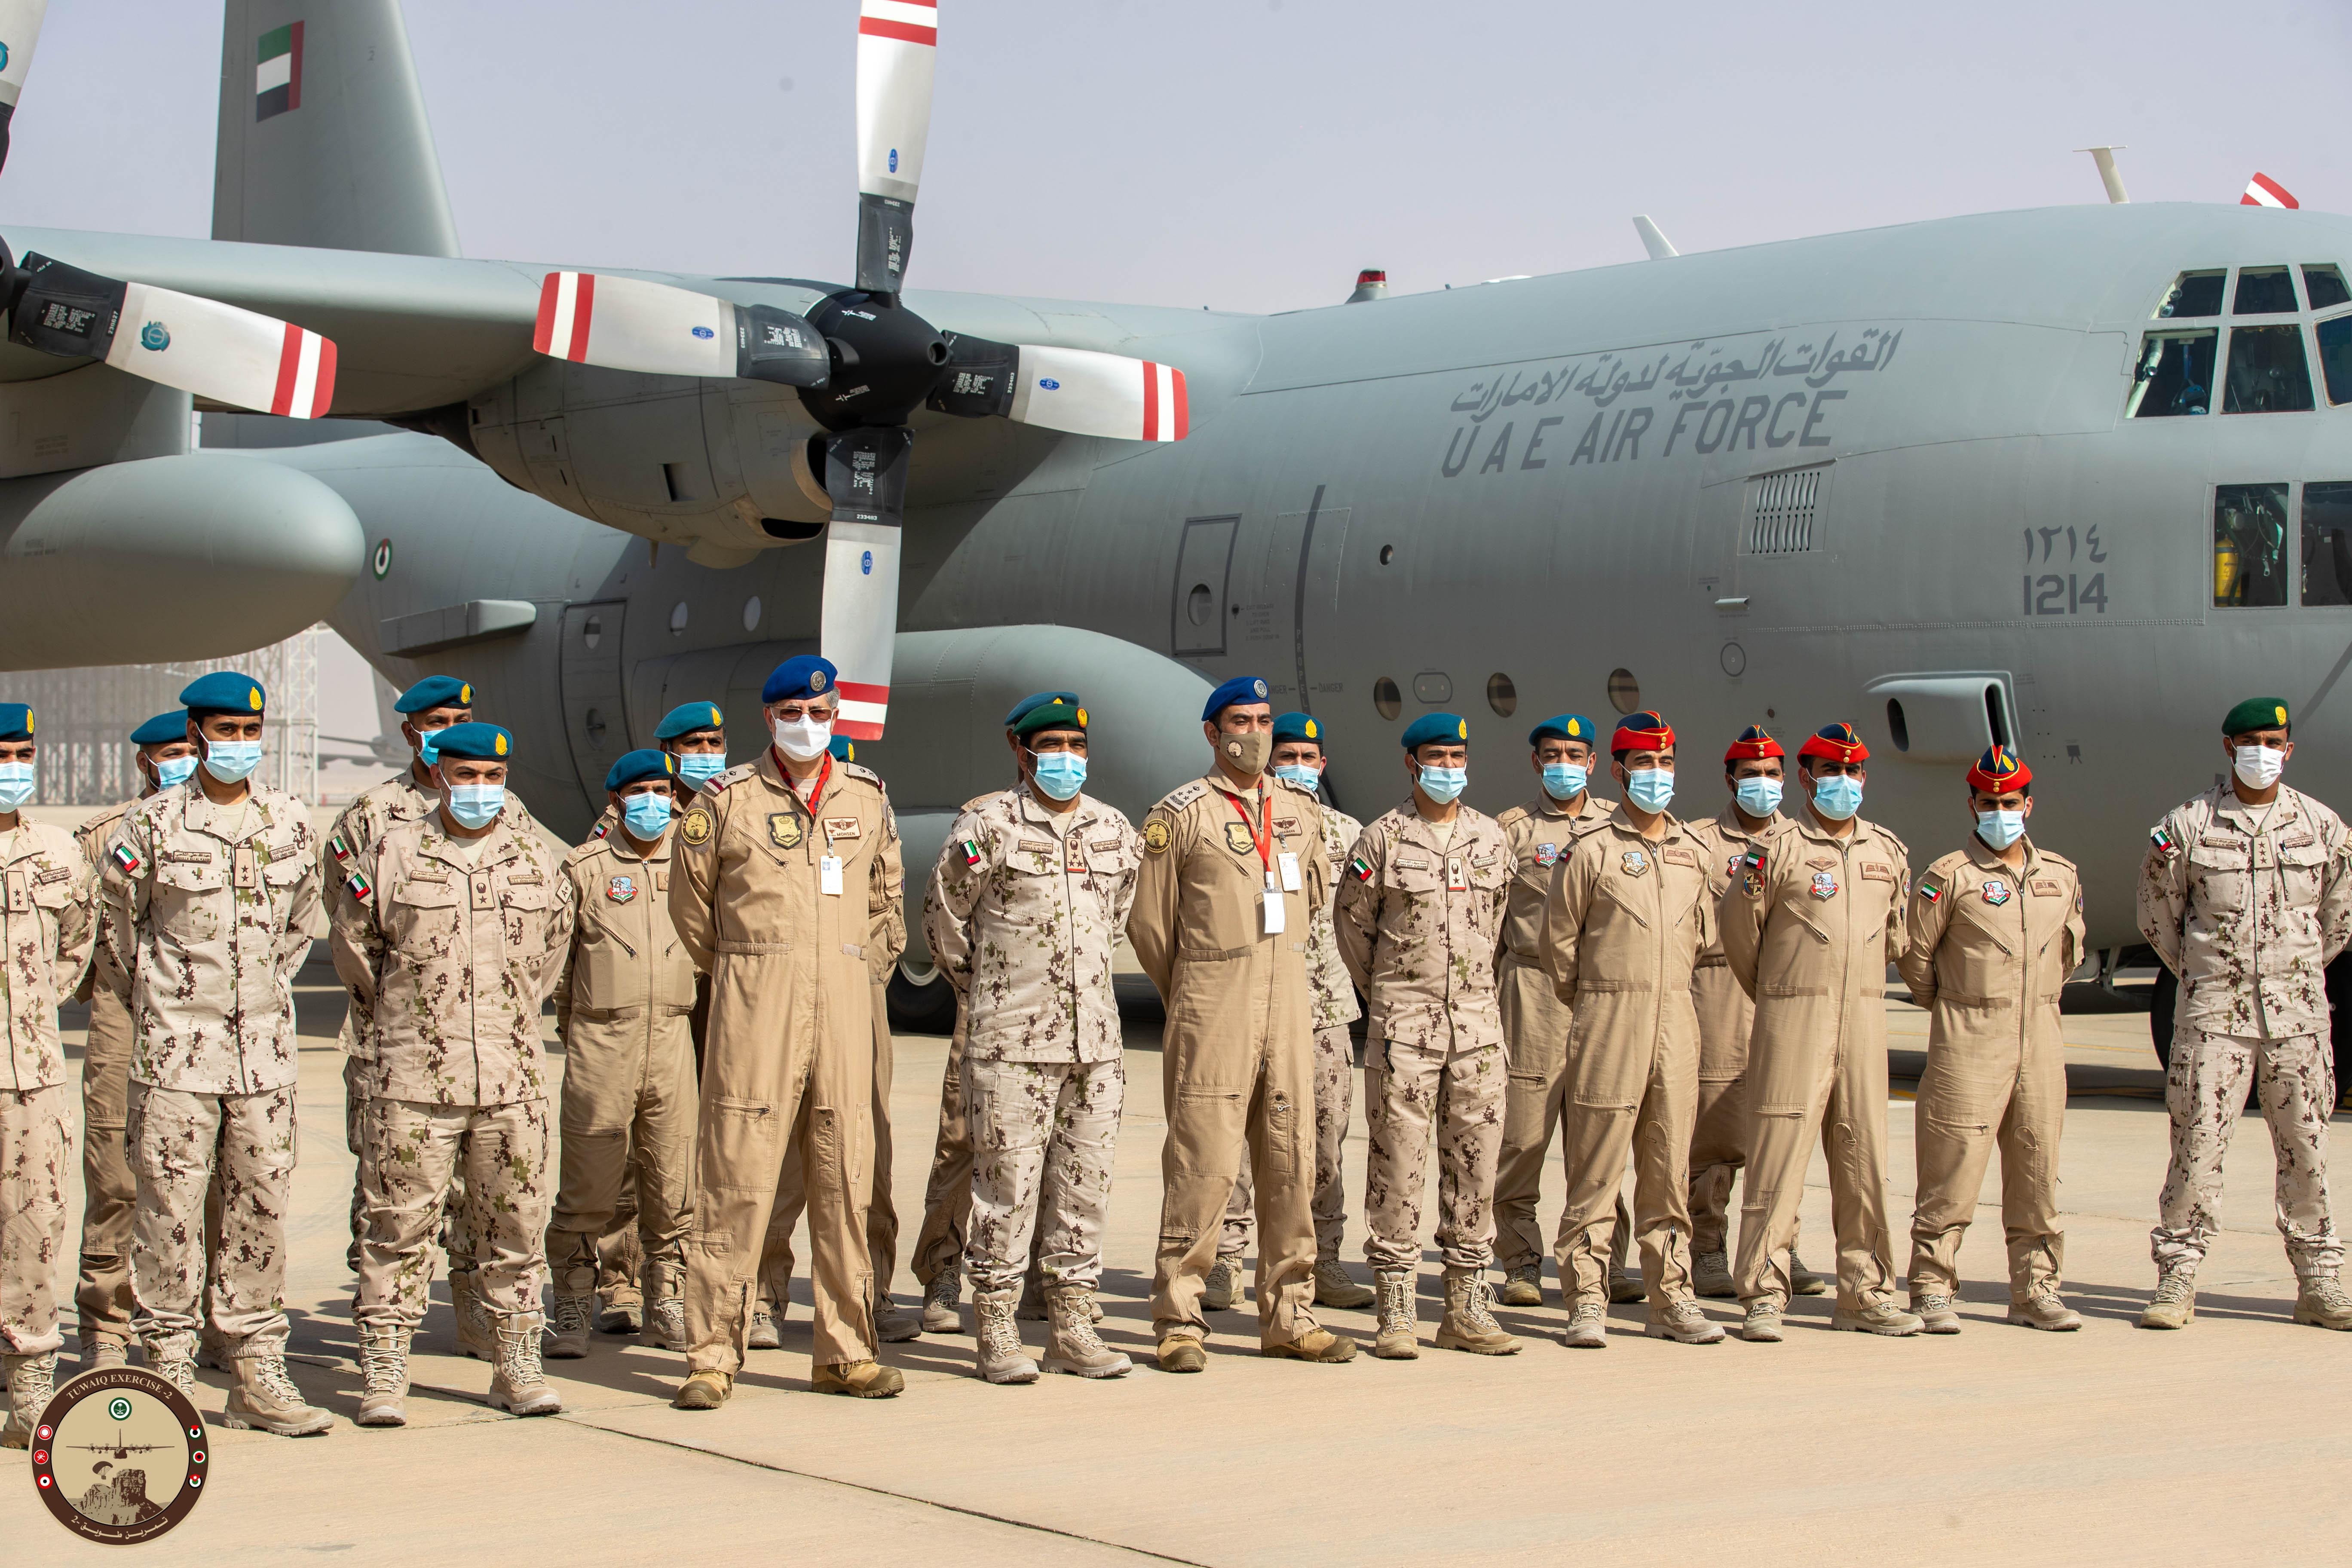 """القوات الجوية والدفاع الجوي تشارك في مناورات التمرين الجوي المشترك والمختلط """" طويق 2 """" بالسعودية"""